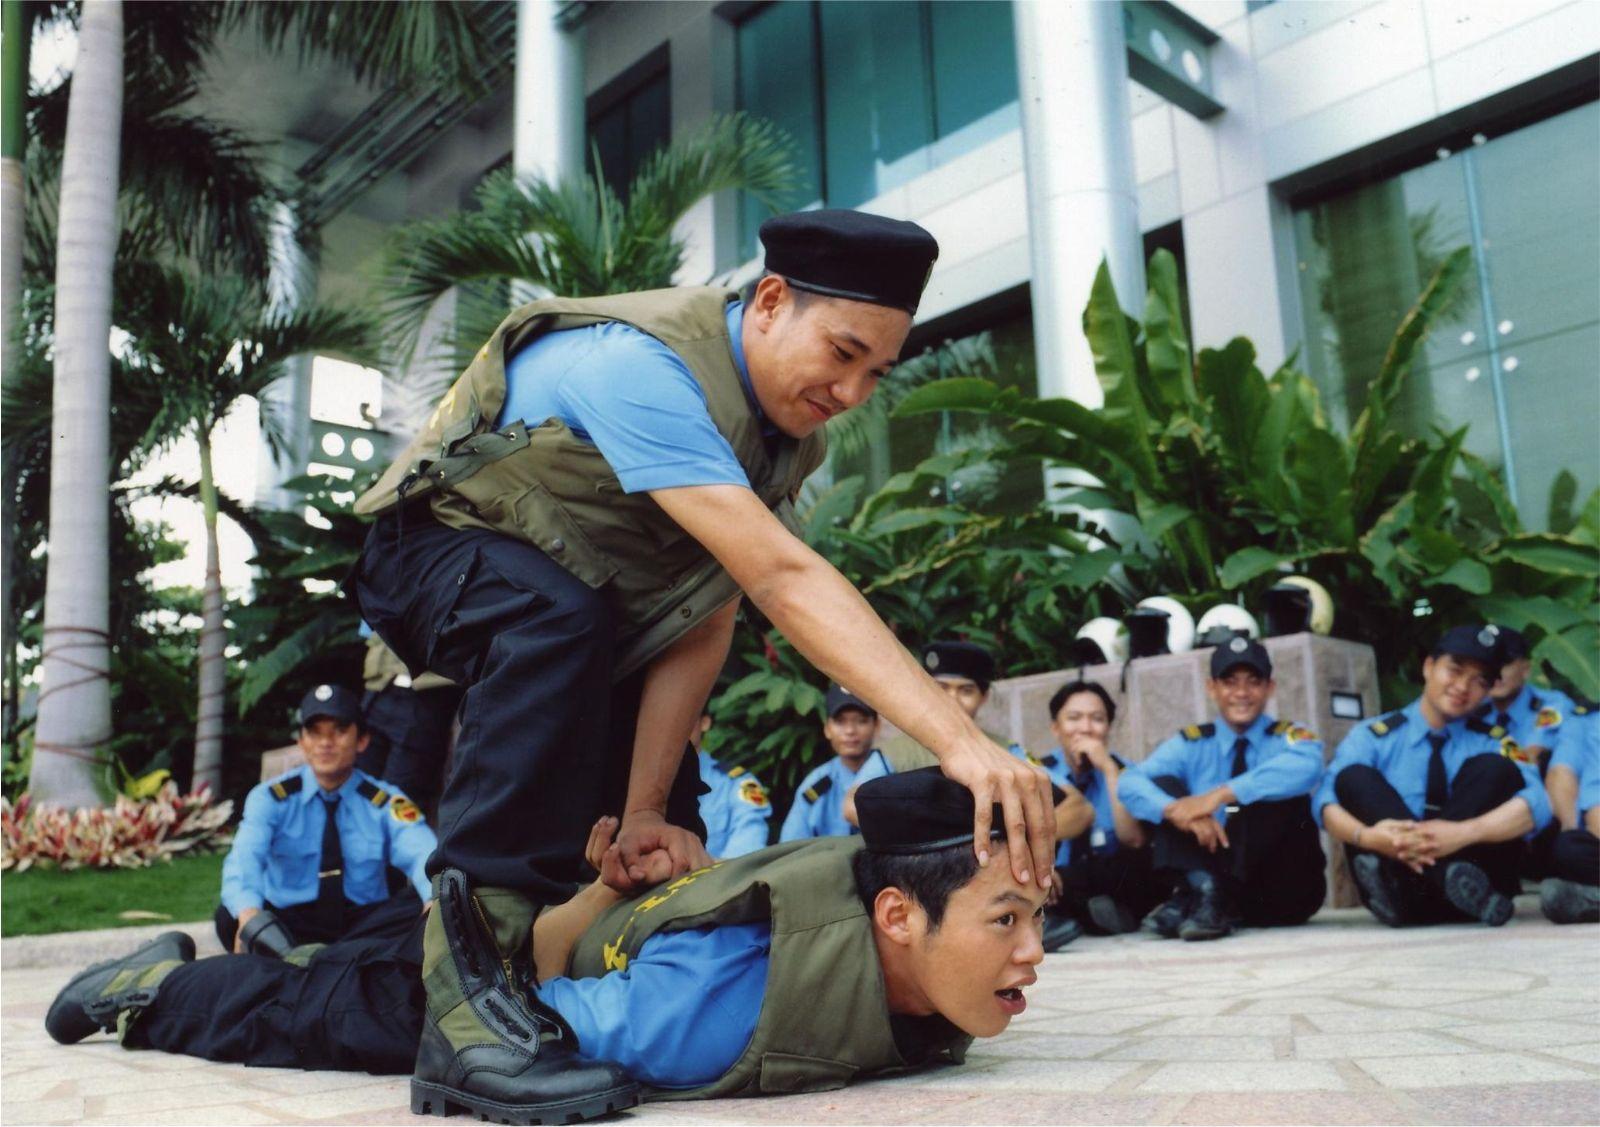 an ninh dịch vụ bảo vệ chuyên nghiệp tại miền bắc